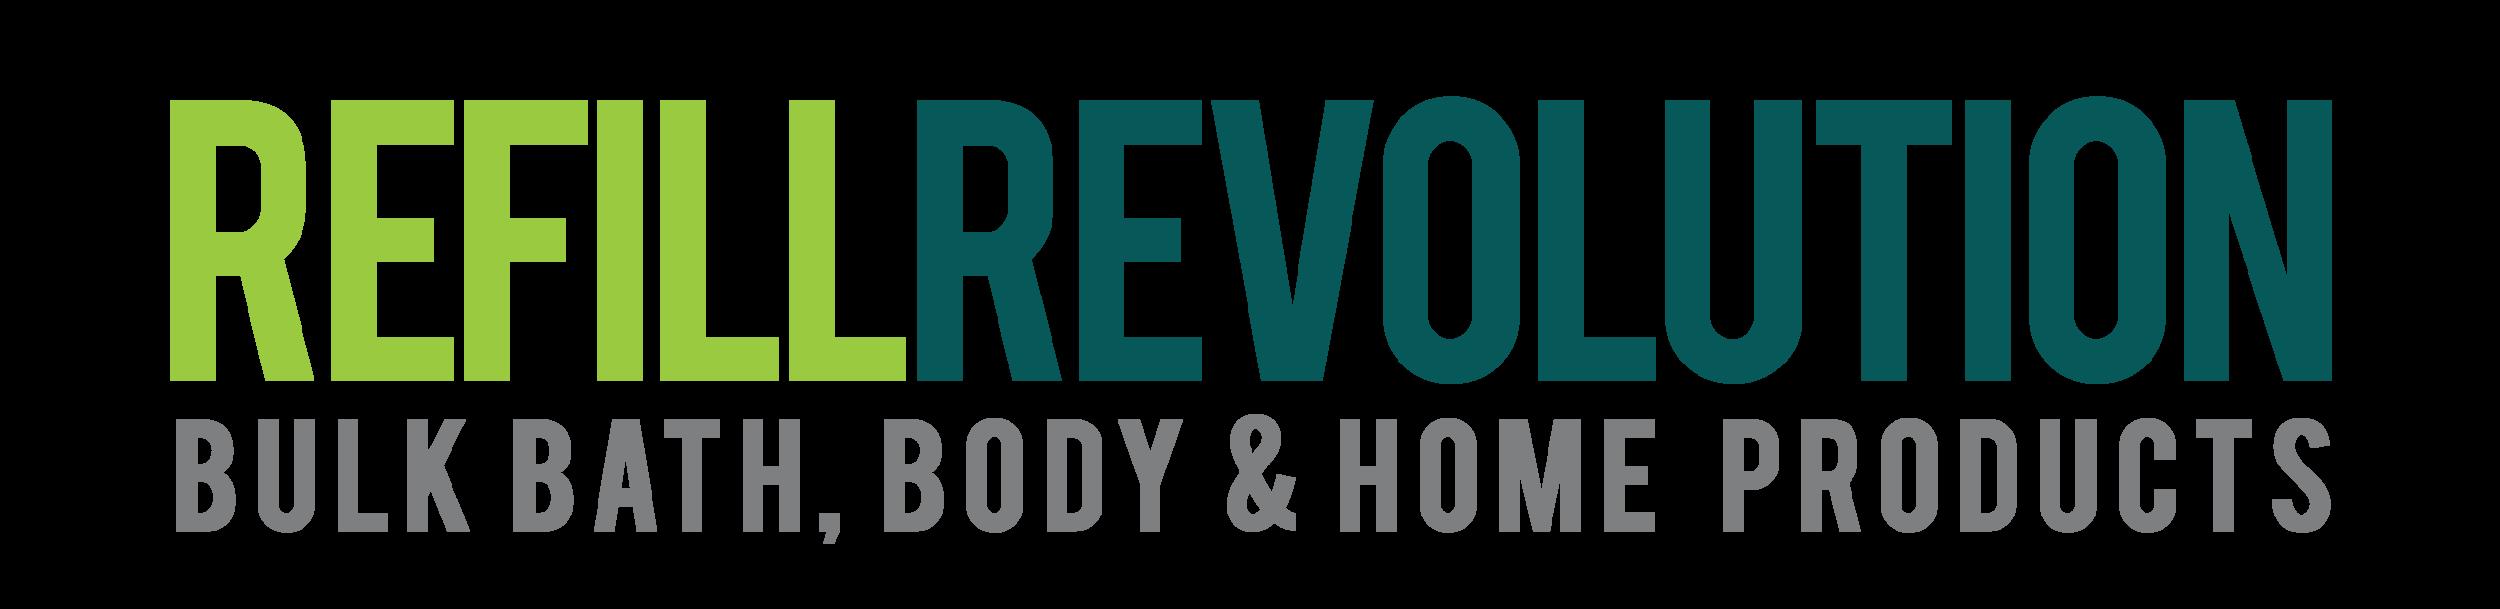 Refill Revolution Logo